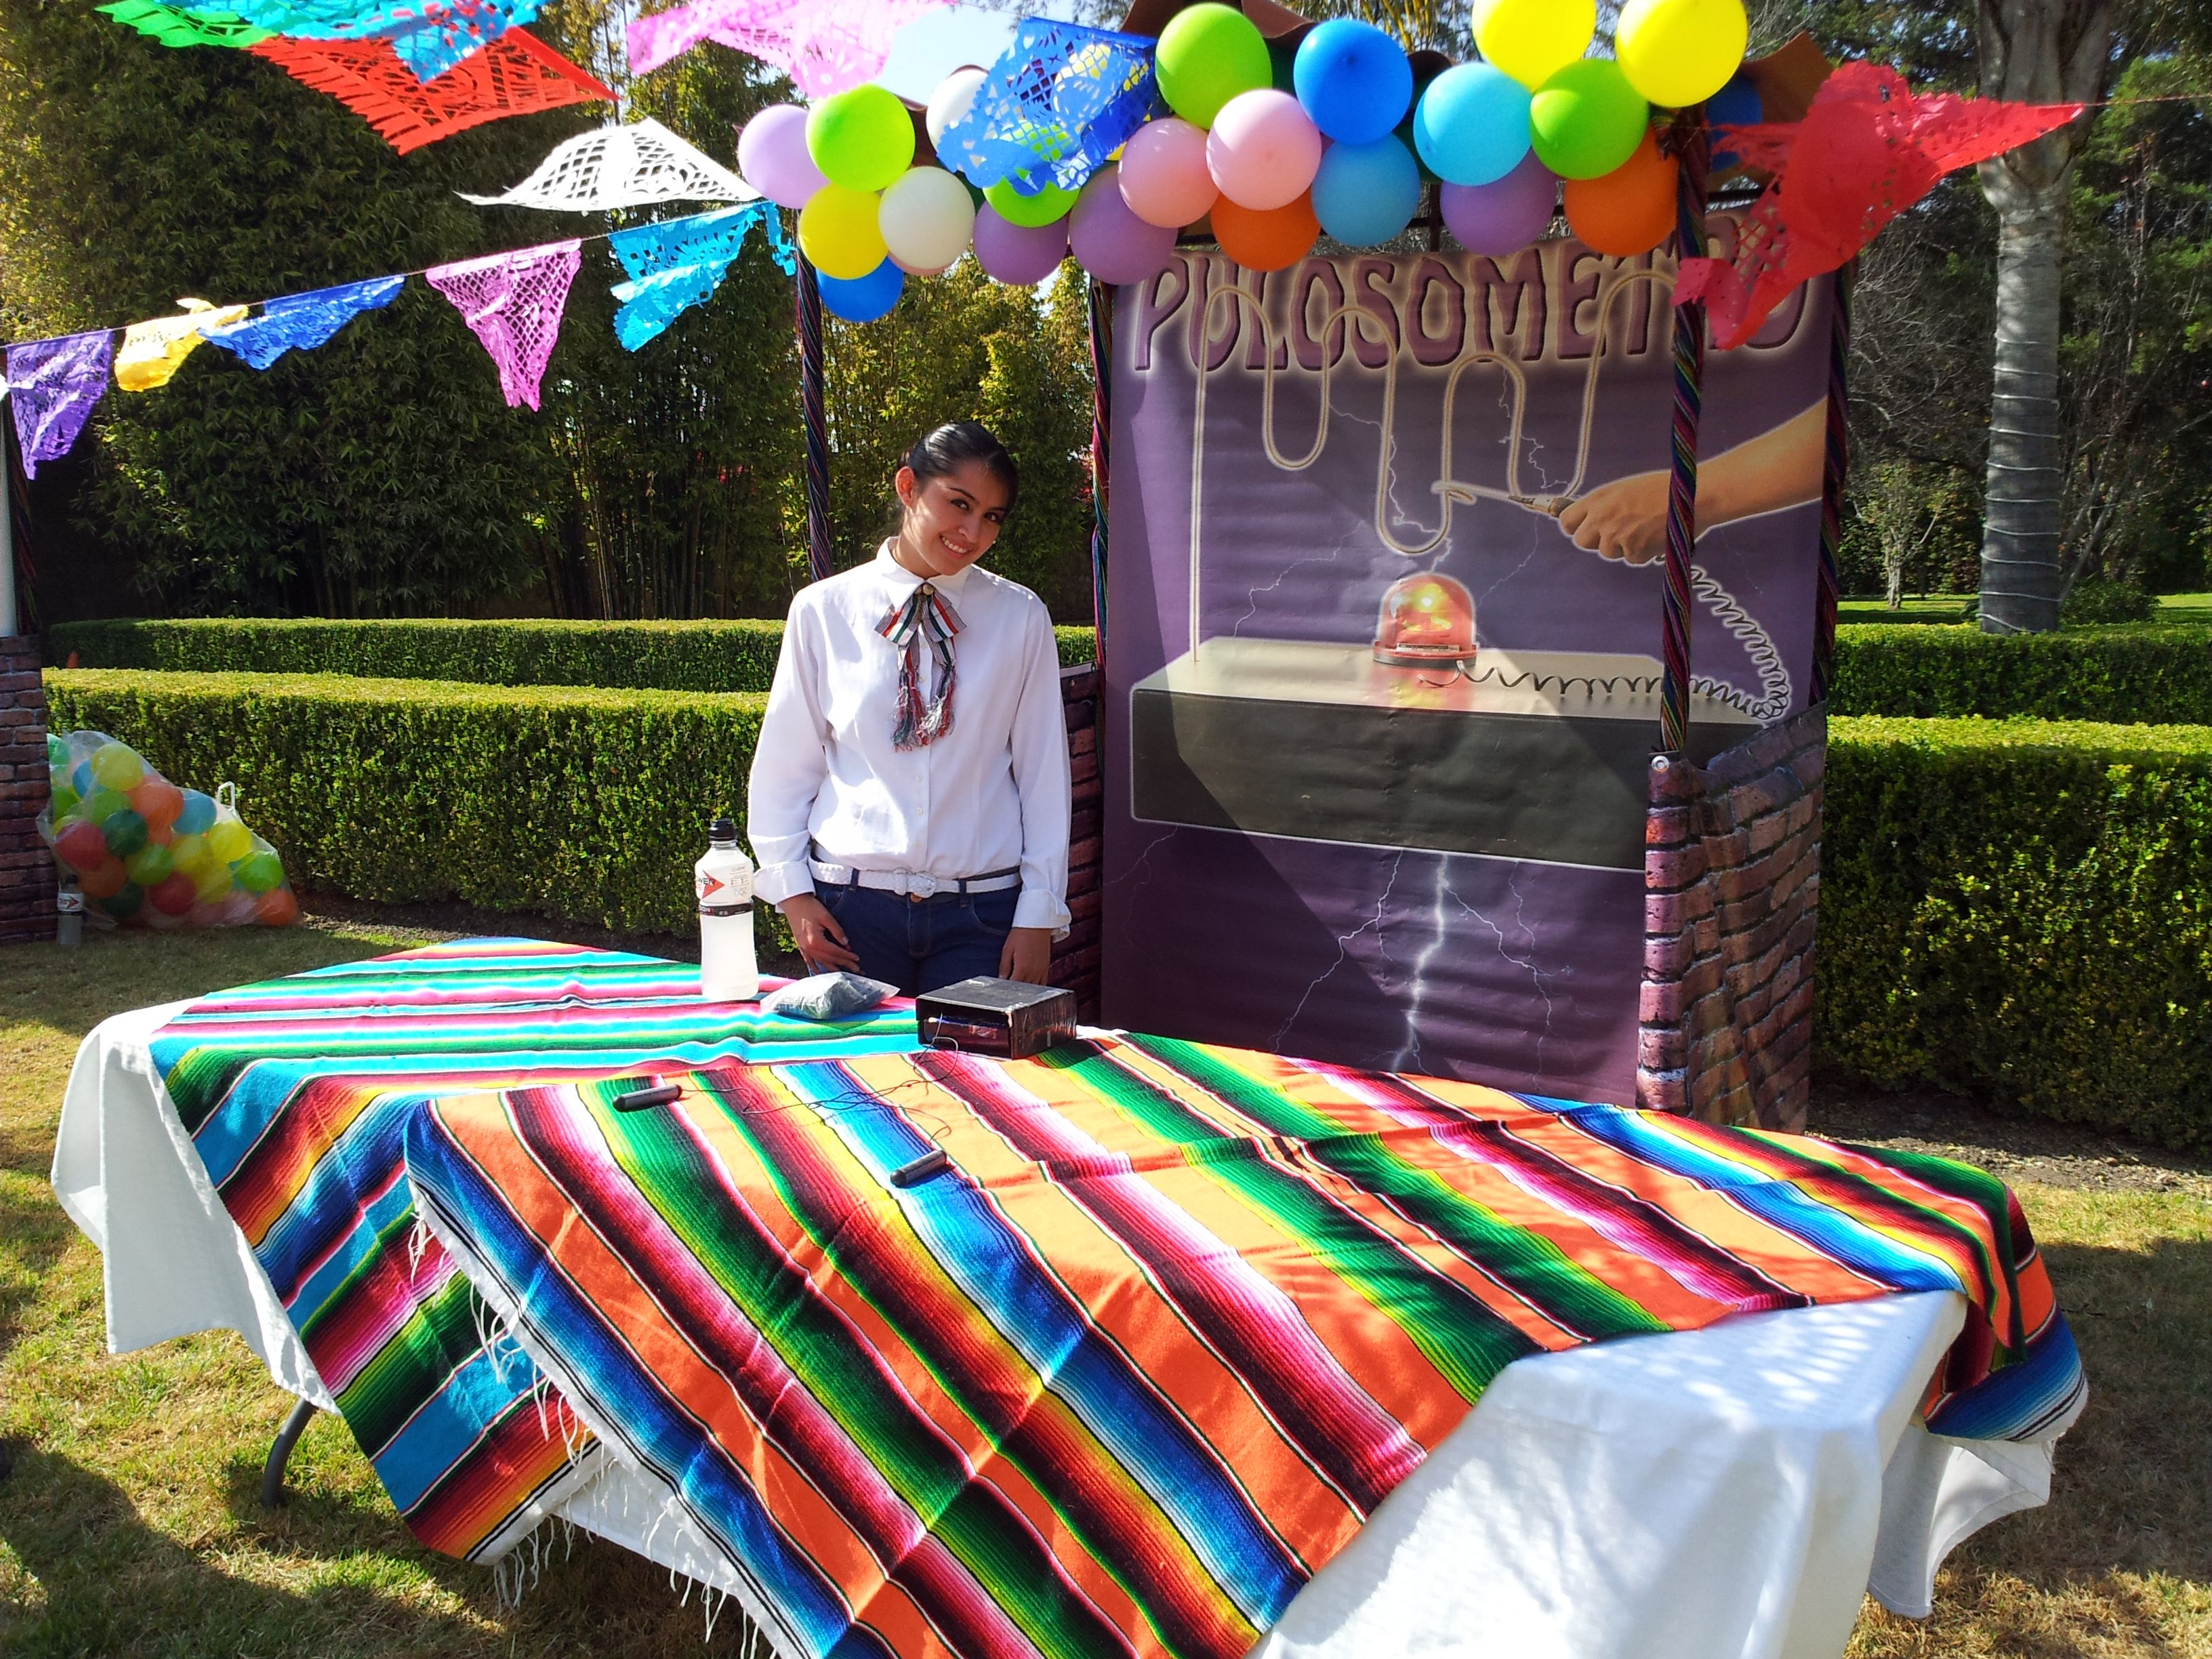 El puesto de los toques feria mexicana con juegos de destreza pinterest puesto juegos for Decoracion kermes mexicana